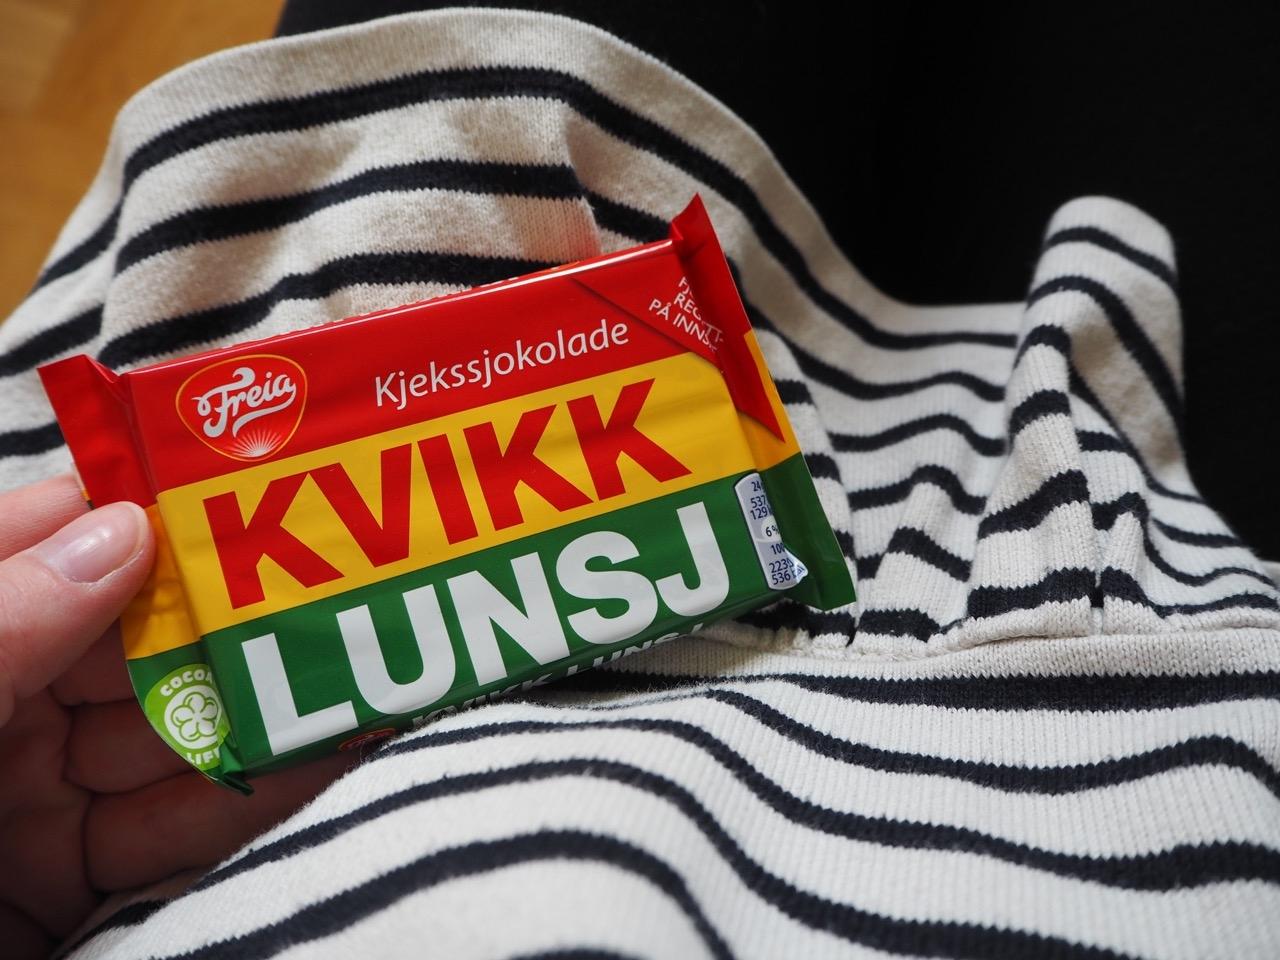 Kvikk_lunsj